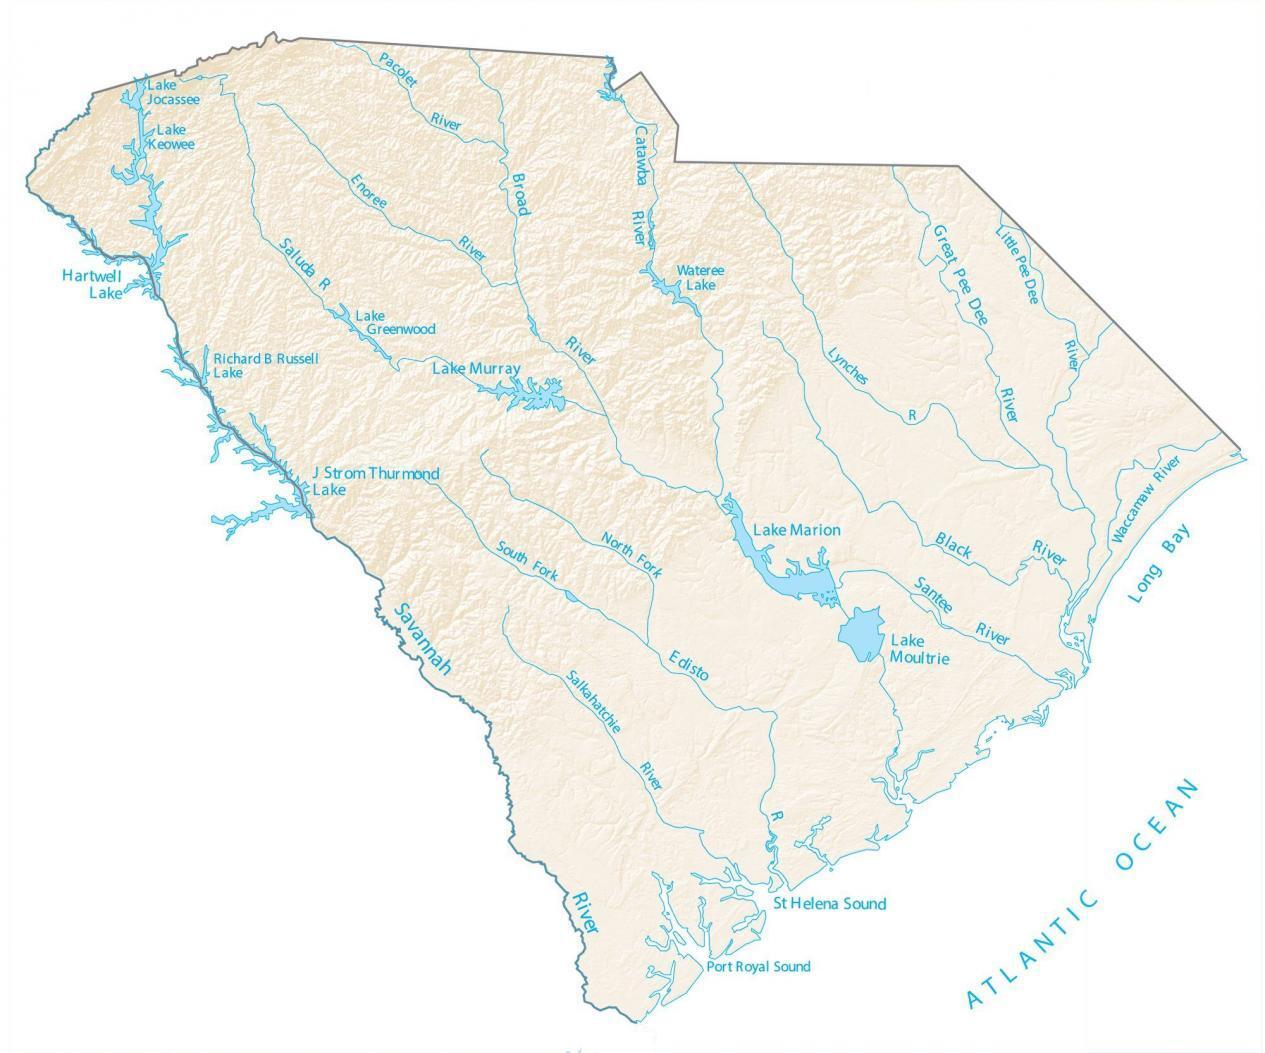 South Carolina Lakes and Rivers Map